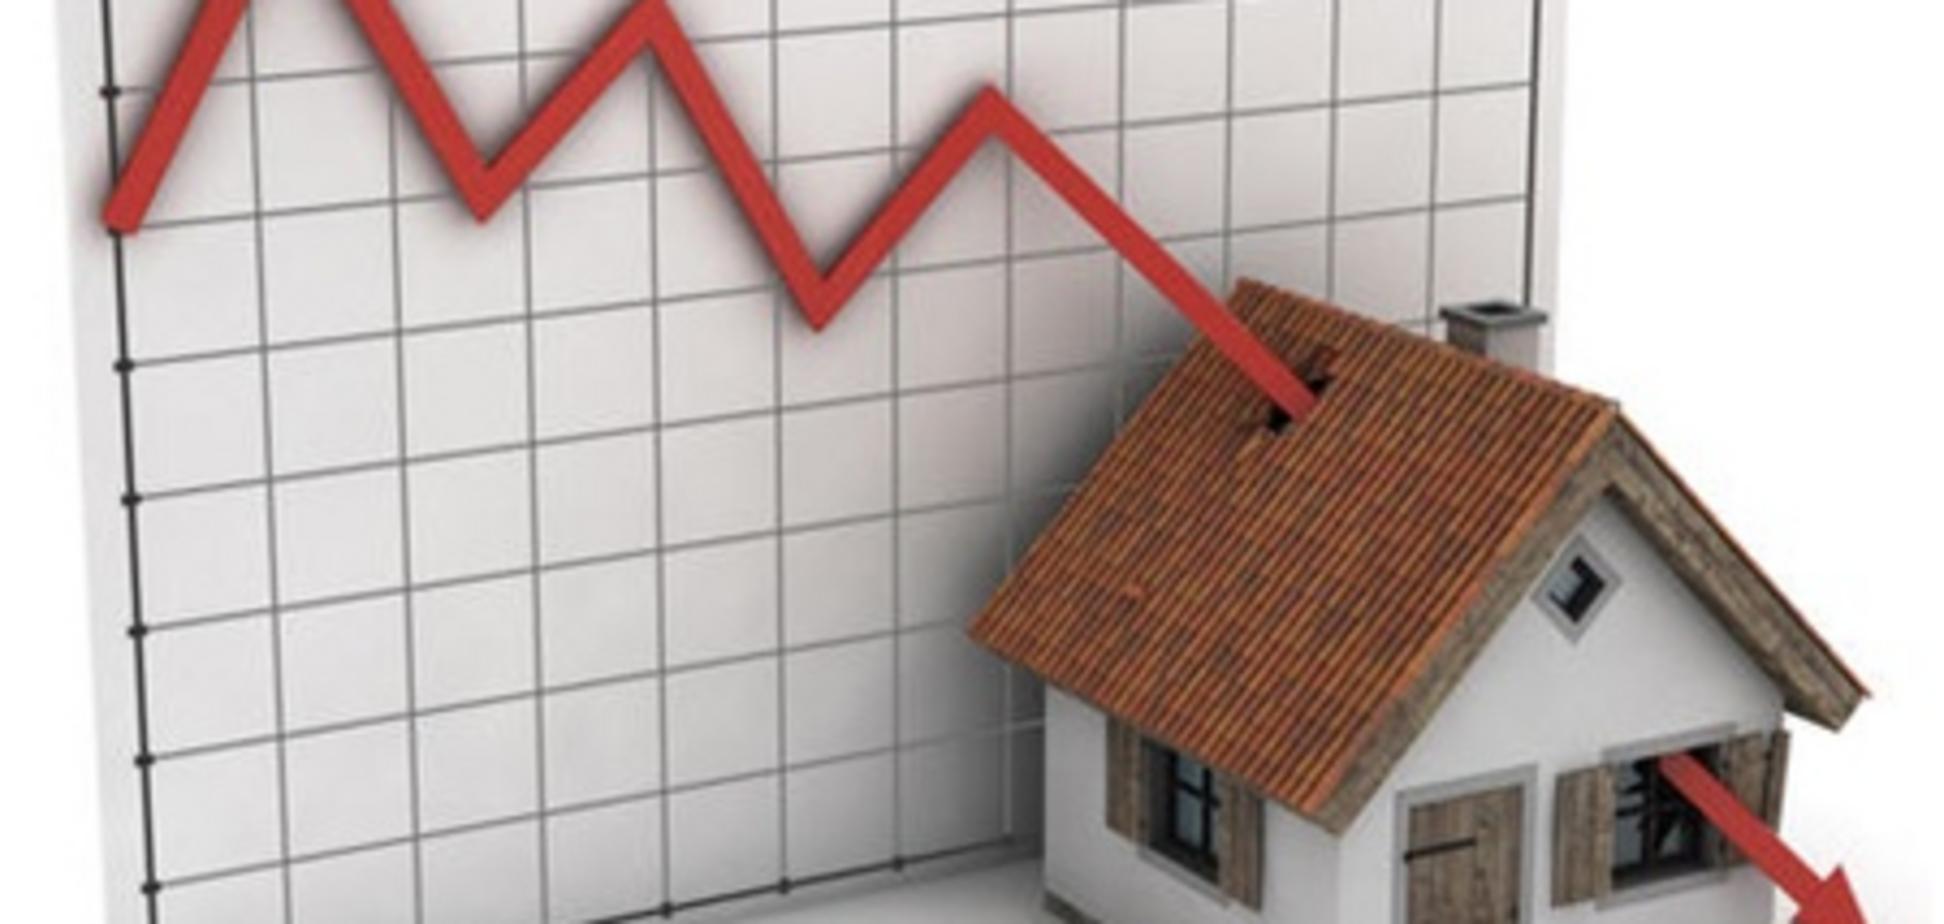 Количество сделок на вторичном рынке жилья упало в 1,5 раза